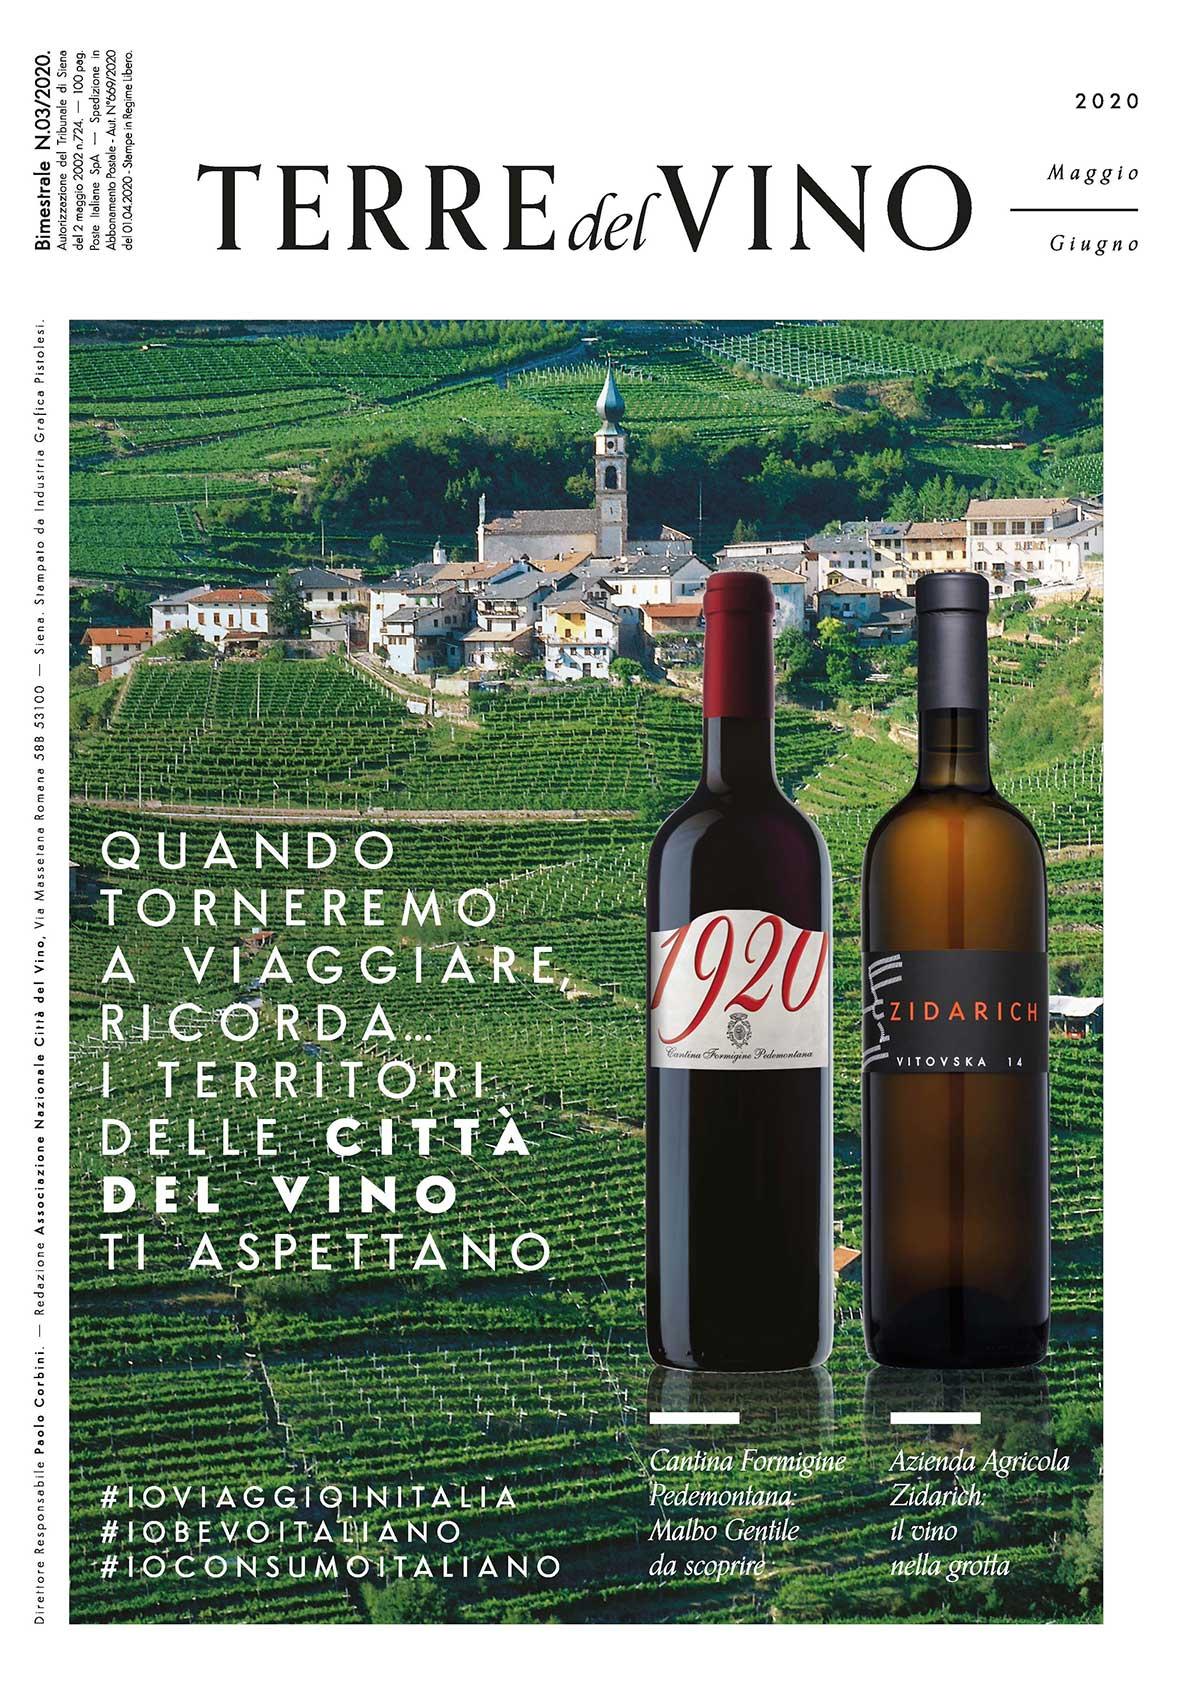 Terre del Vino: in distribuzione Maggio/Giugno